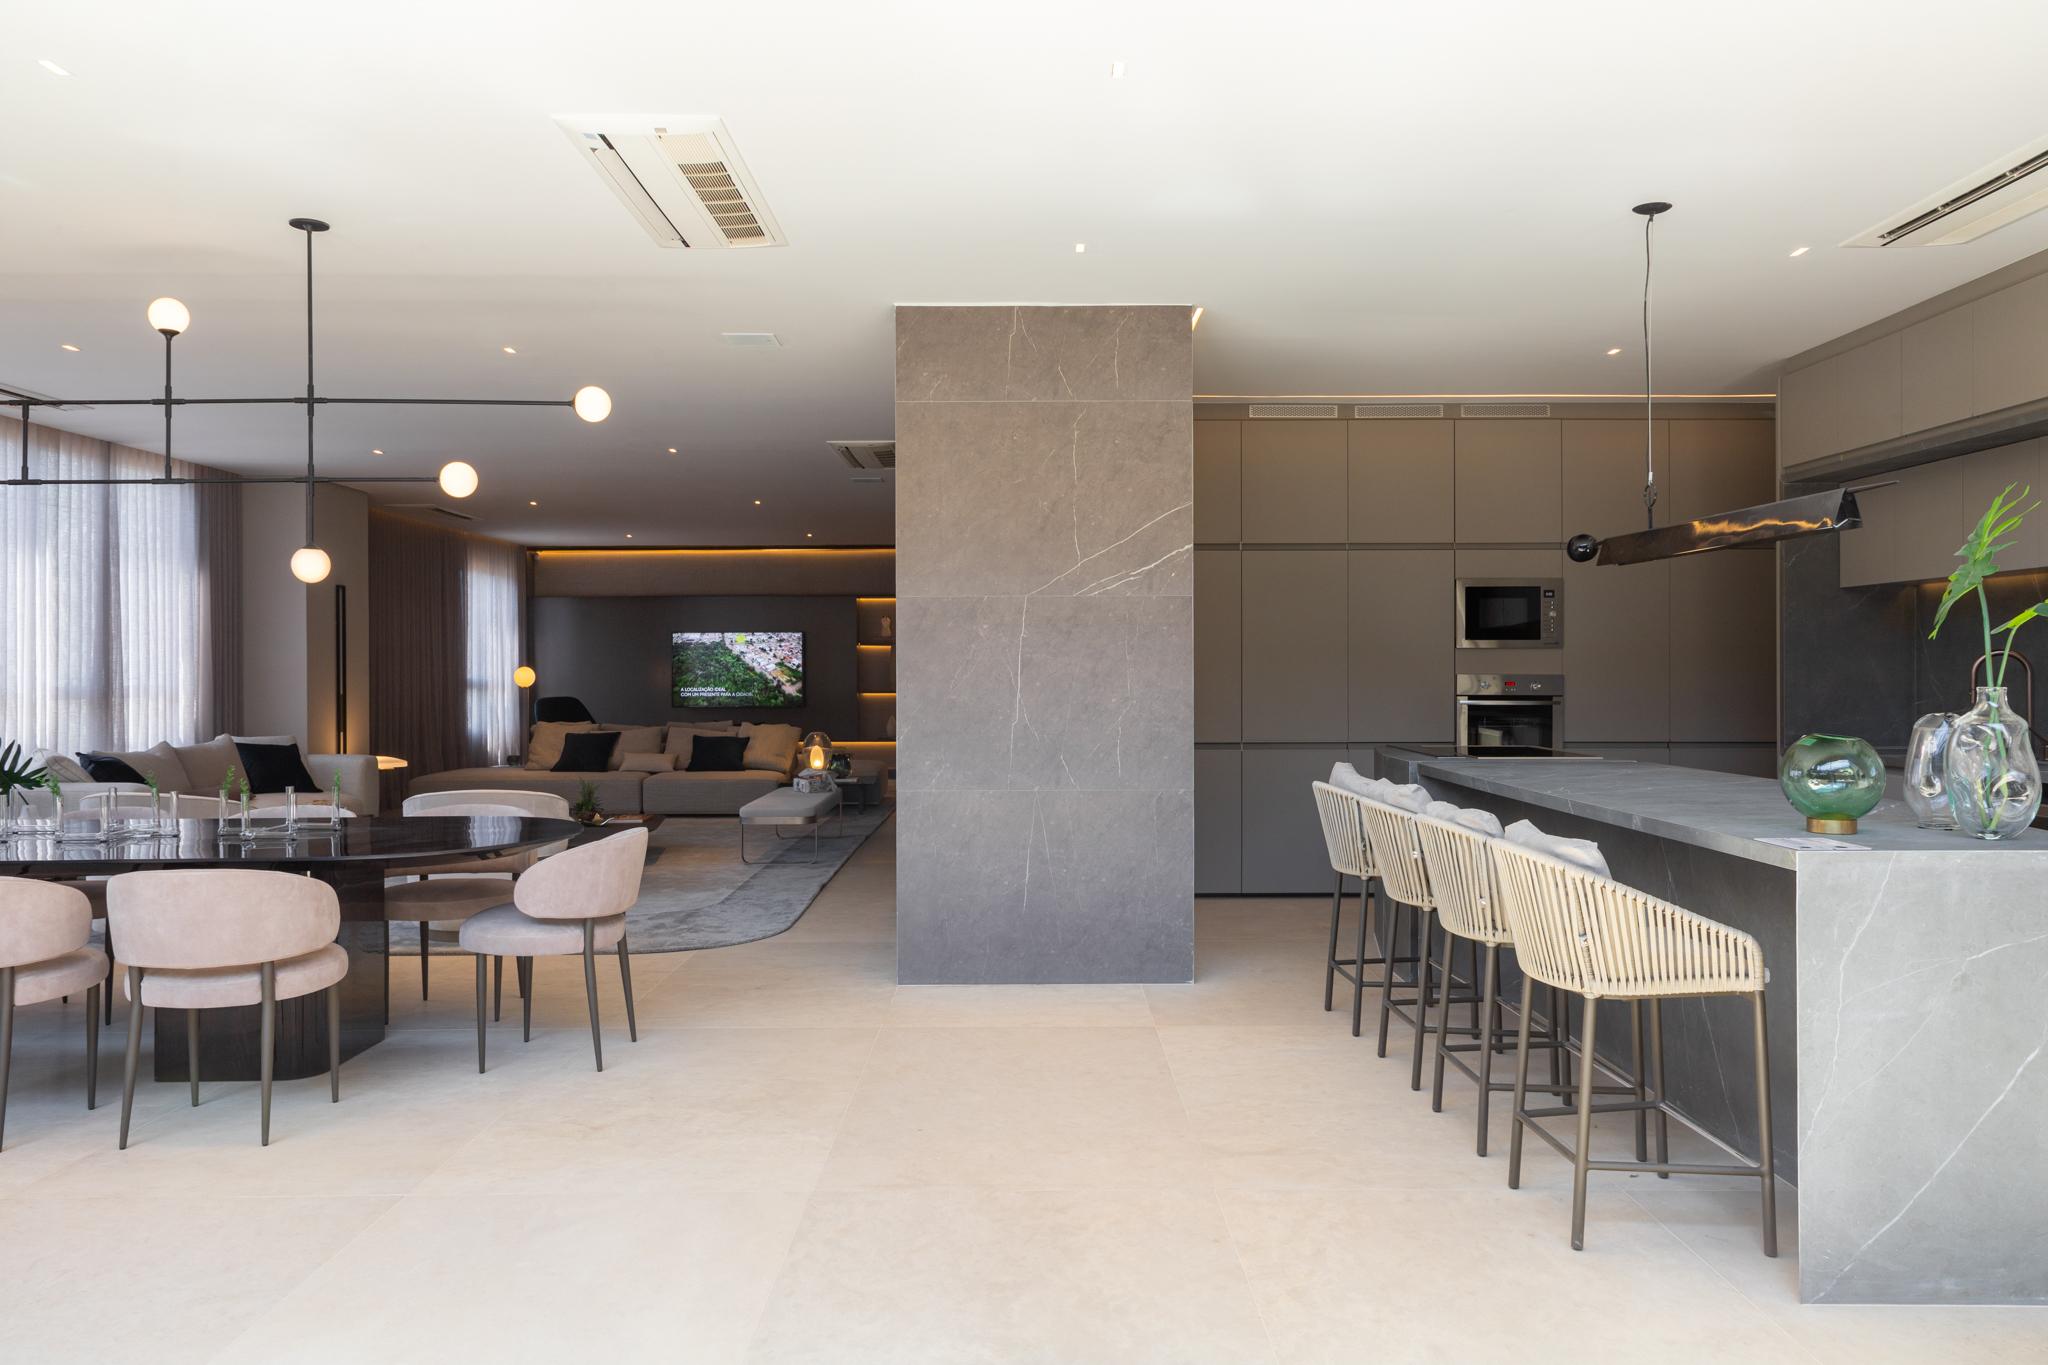 O cinza pode ser aplicado em todos os ambientes do apartamento